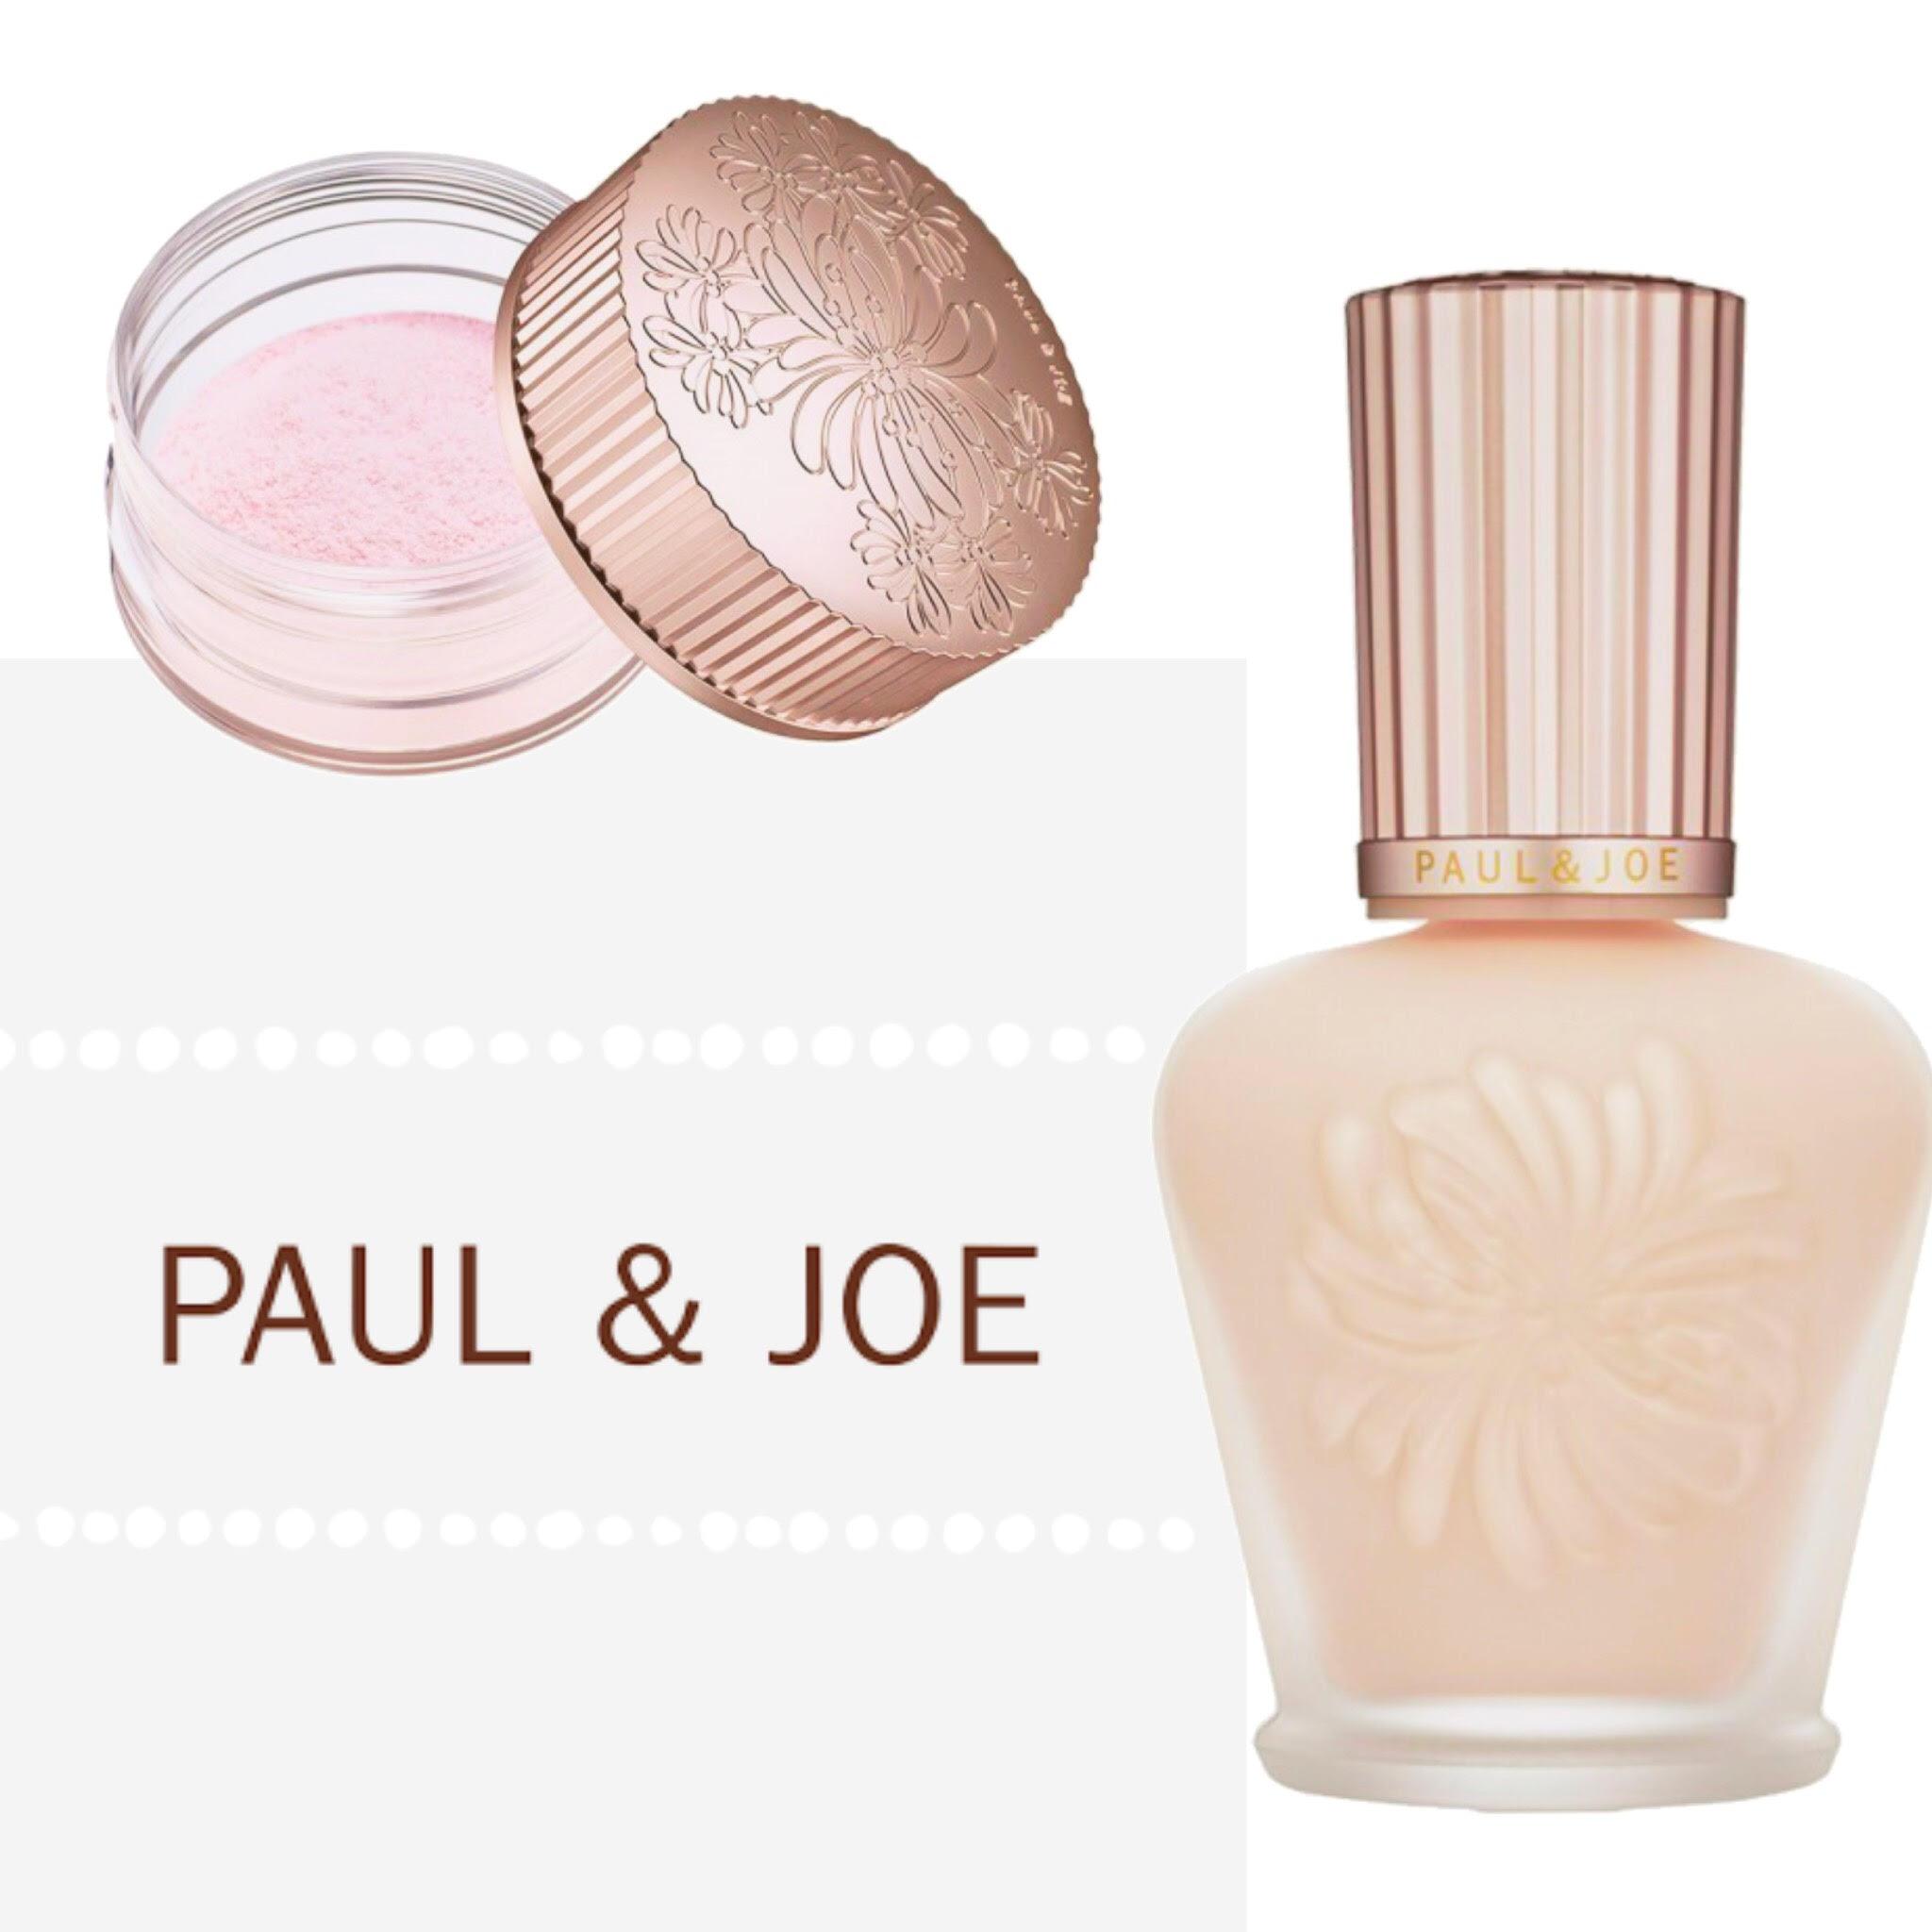 透明感溢れるツヤ肌へ😌💖『PAUL & JOE BEAUTE』注目の新作ベースメイク登場😉♬